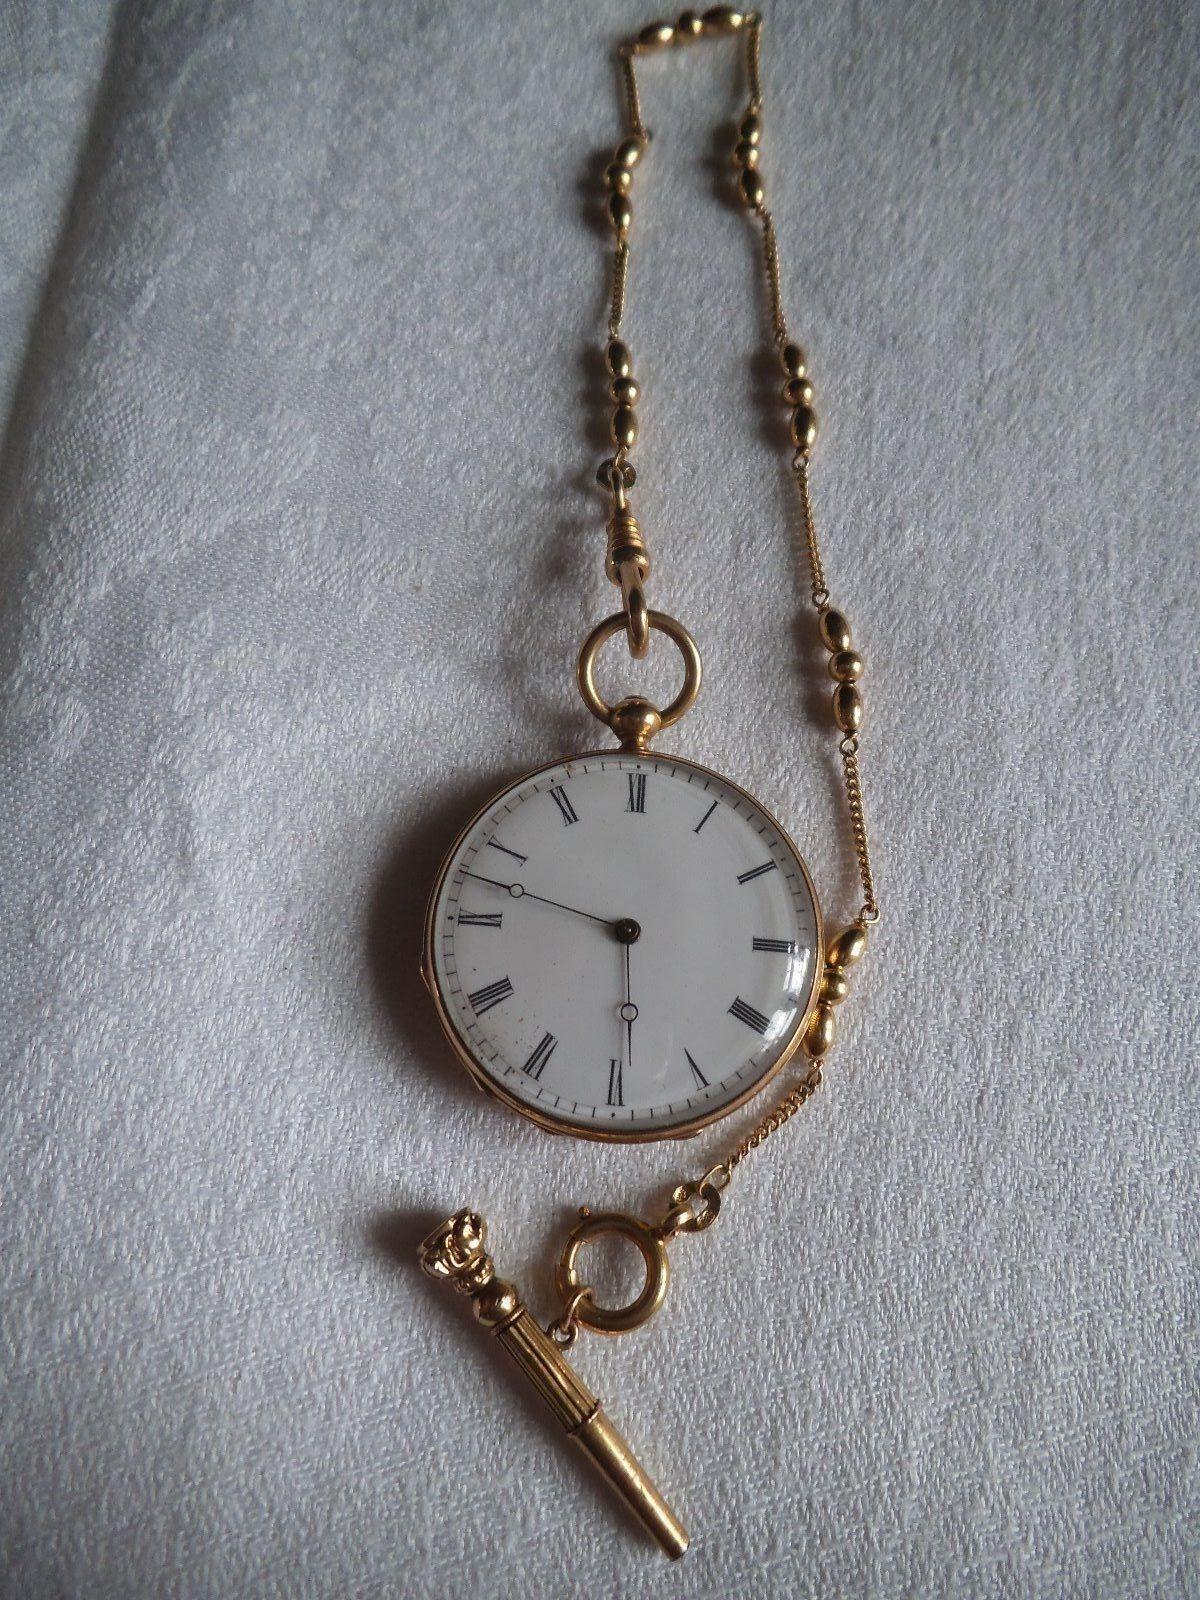 montre de gousset ancienne en or sa clef et cha ne gileti re en or in bijoux montres montres. Black Bedroom Furniture Sets. Home Design Ideas